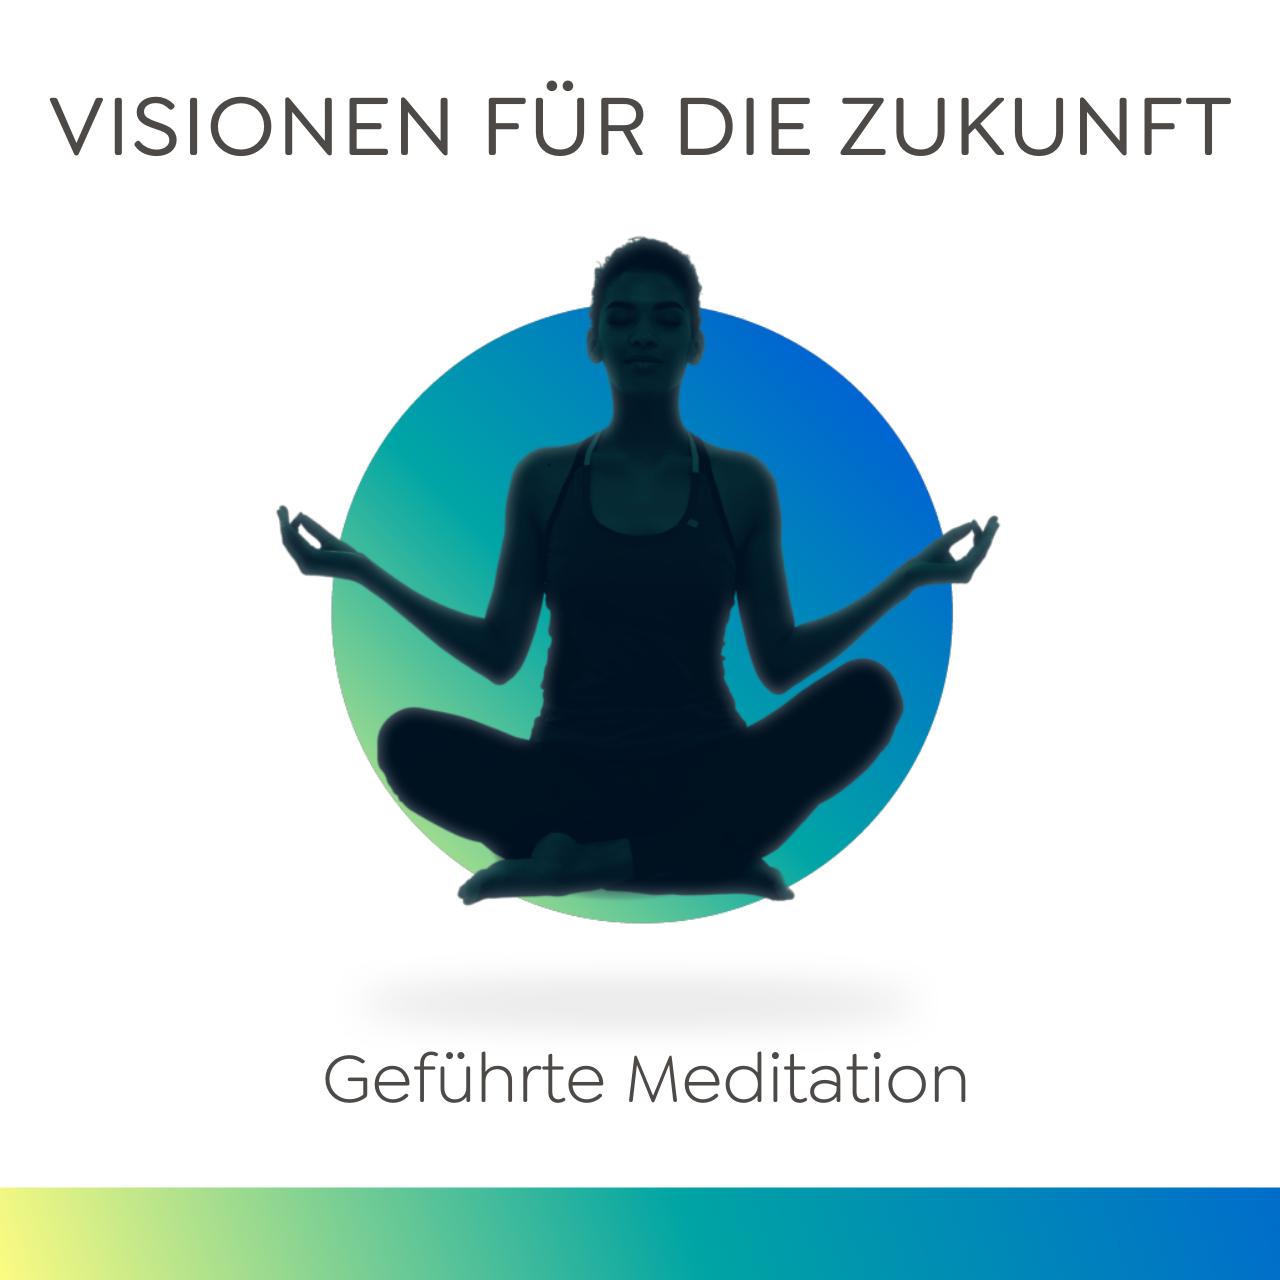 Neujahrsvorsätze visualisieren & umsetzen - Geführte Meditation